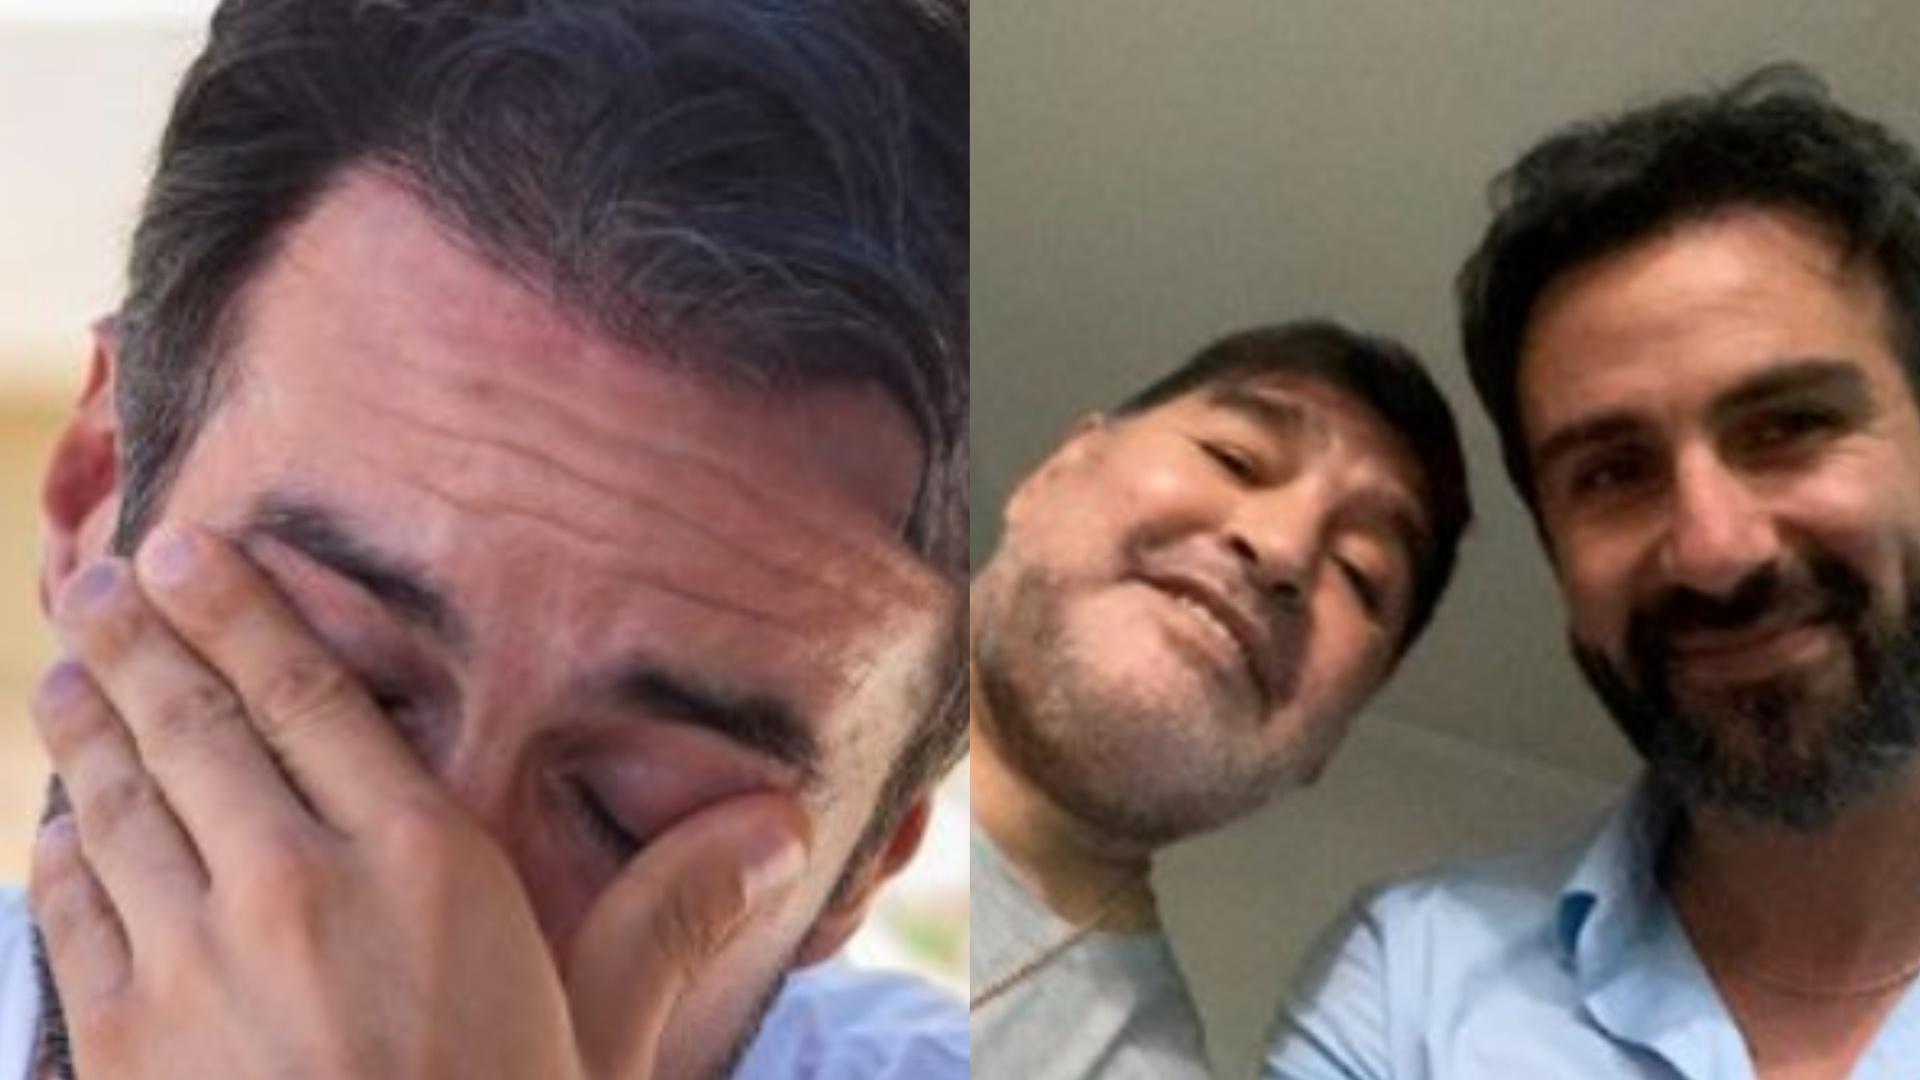 طبيب مارادونا يكشف : لم يكن من الممكن السيطرة على الأسطورة.. كان حزينا ورفض إنقاذه